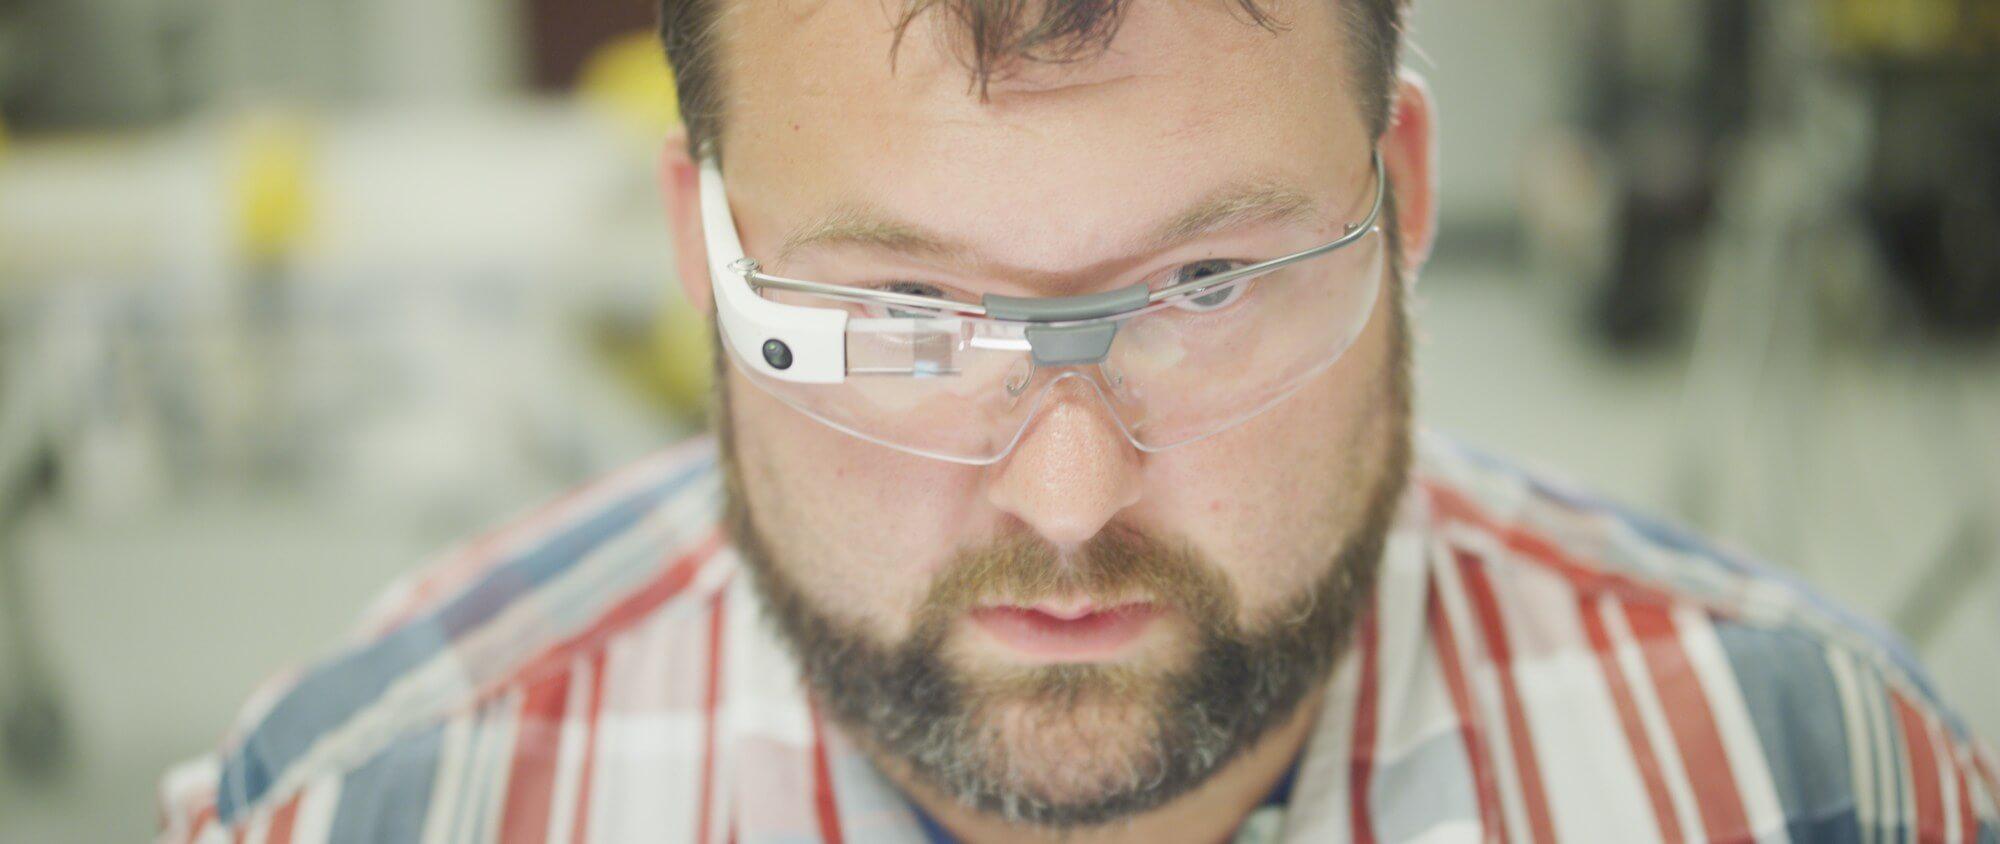 Google Glass 2.0: захватывающая попытка номер два